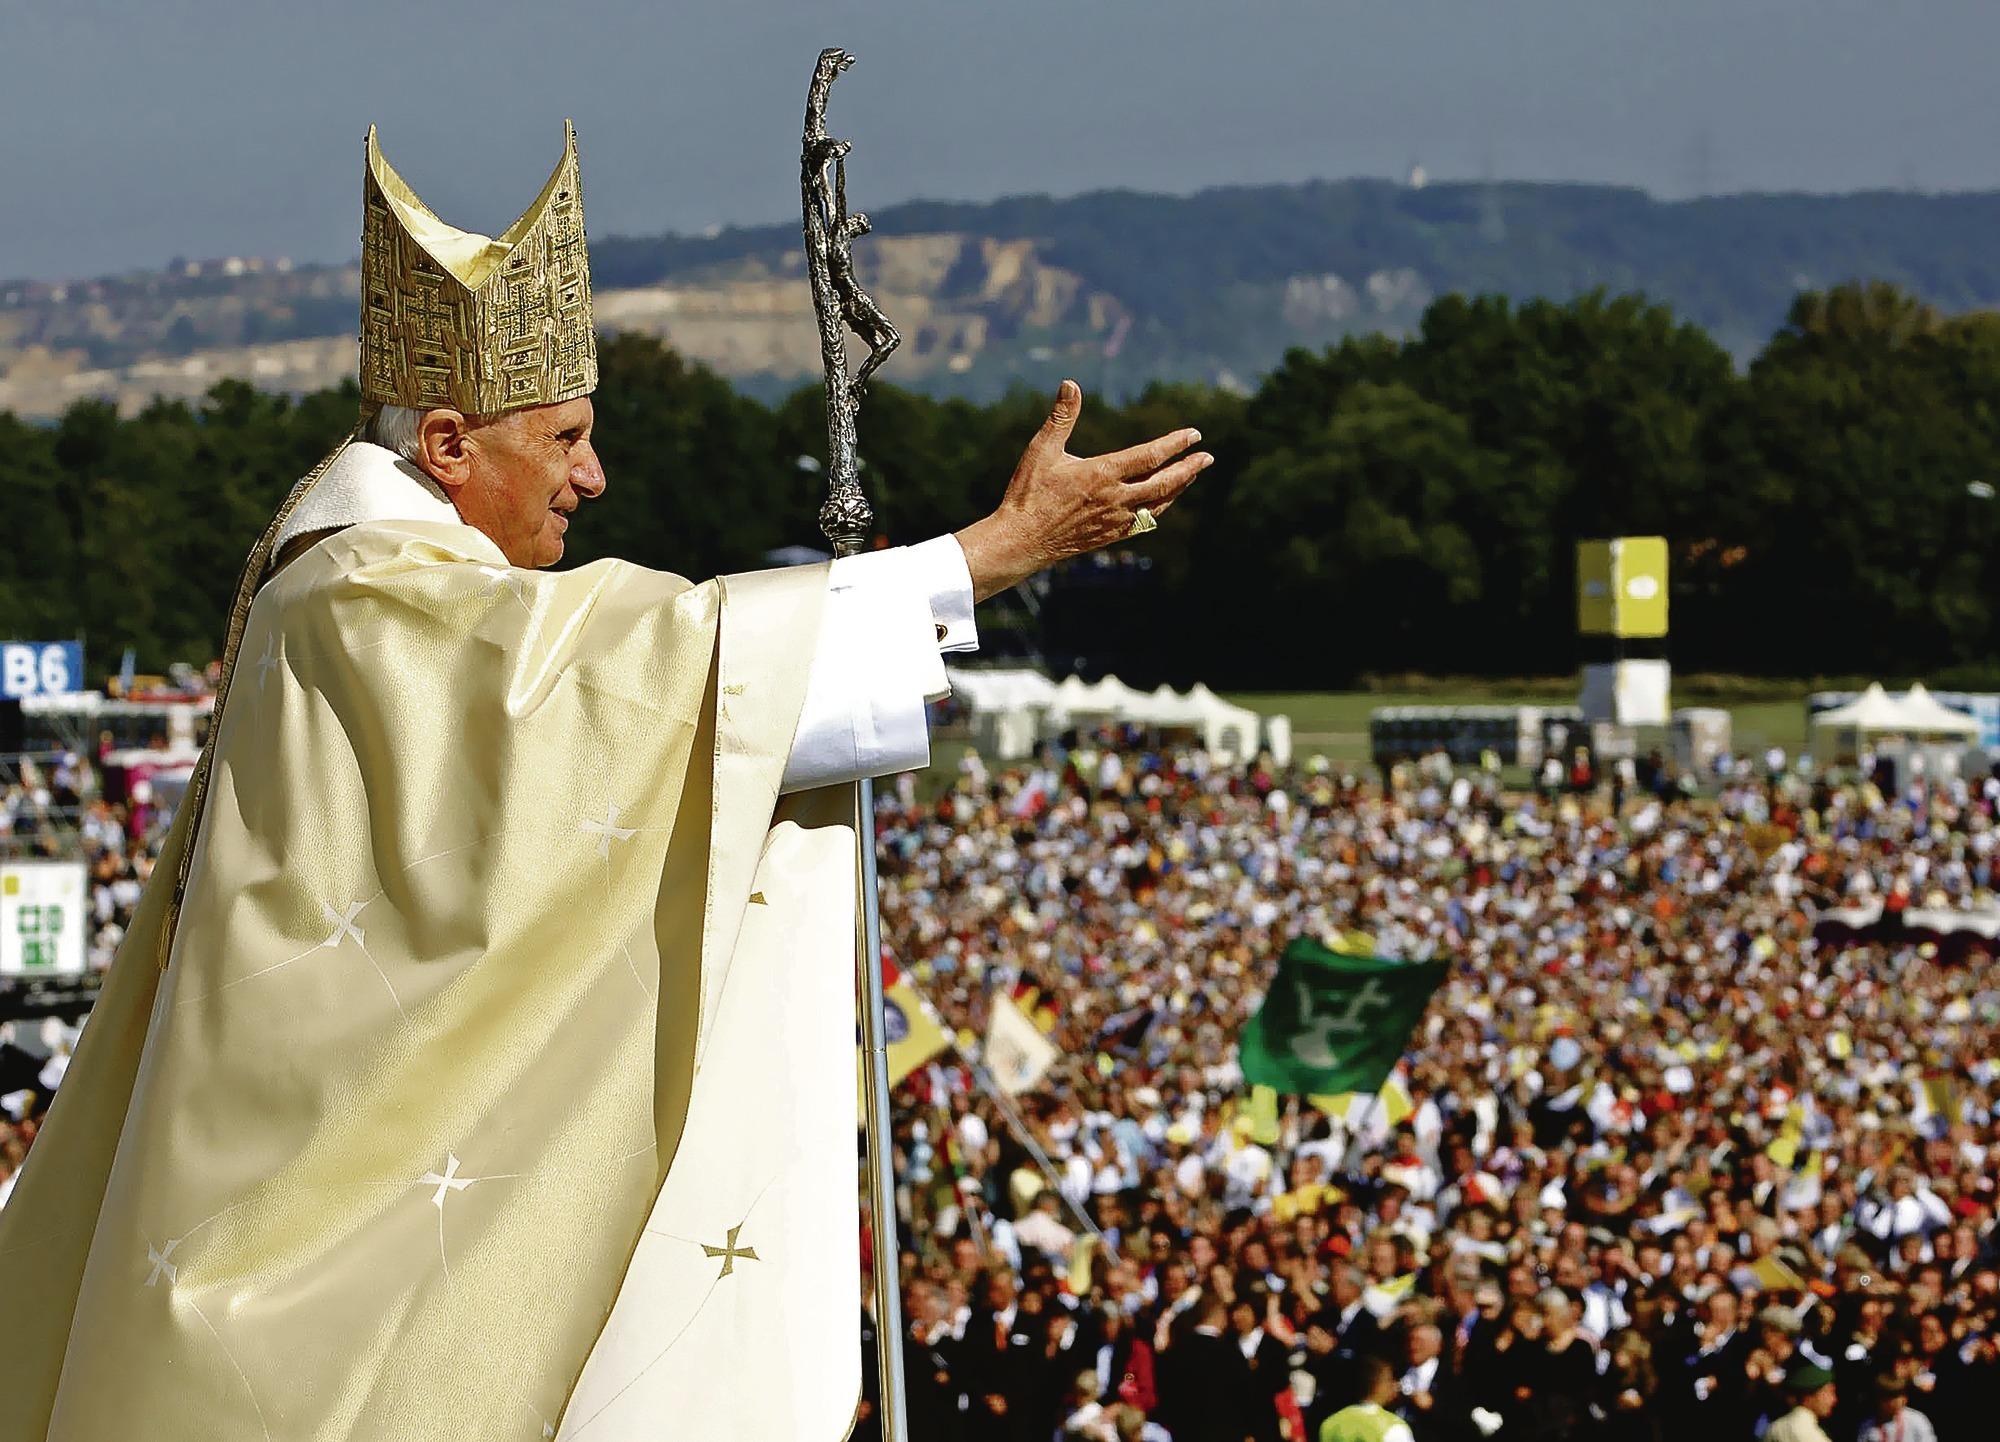 Papst Biografie Joseph Ratzinger Am Ende Einer Langen Pilgerschaft